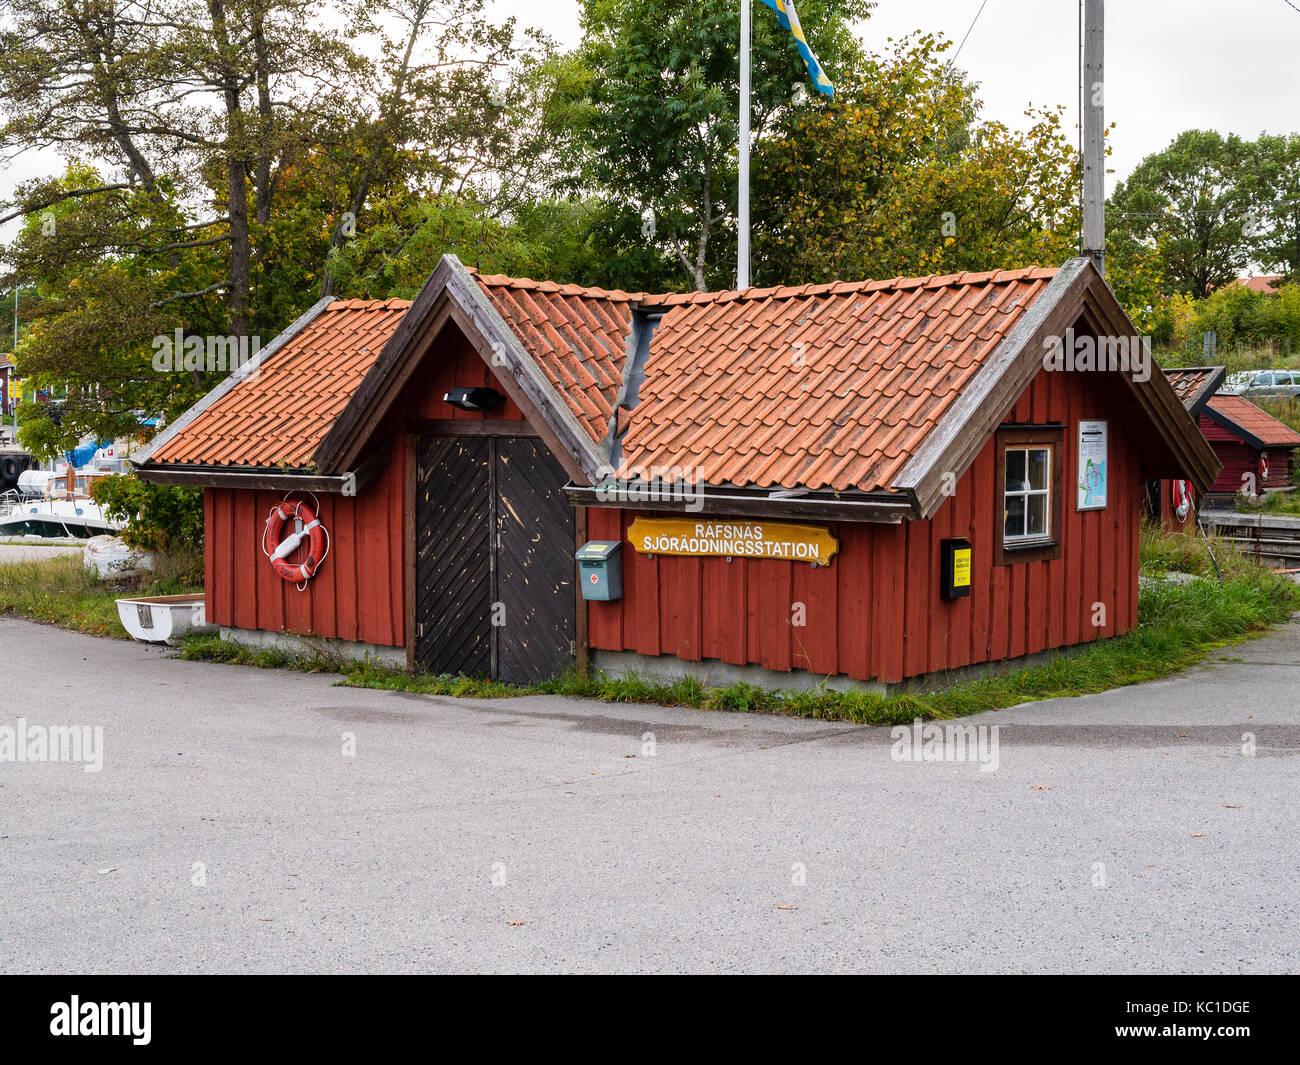 Casa della Società svedese di salvataggio marittimo nel porto di Räfsnäs , vicino a Grädddö, Rådmansö nell'arcipelago Roslagen, Stoccolma, Svezia, Europé. Foto Stock